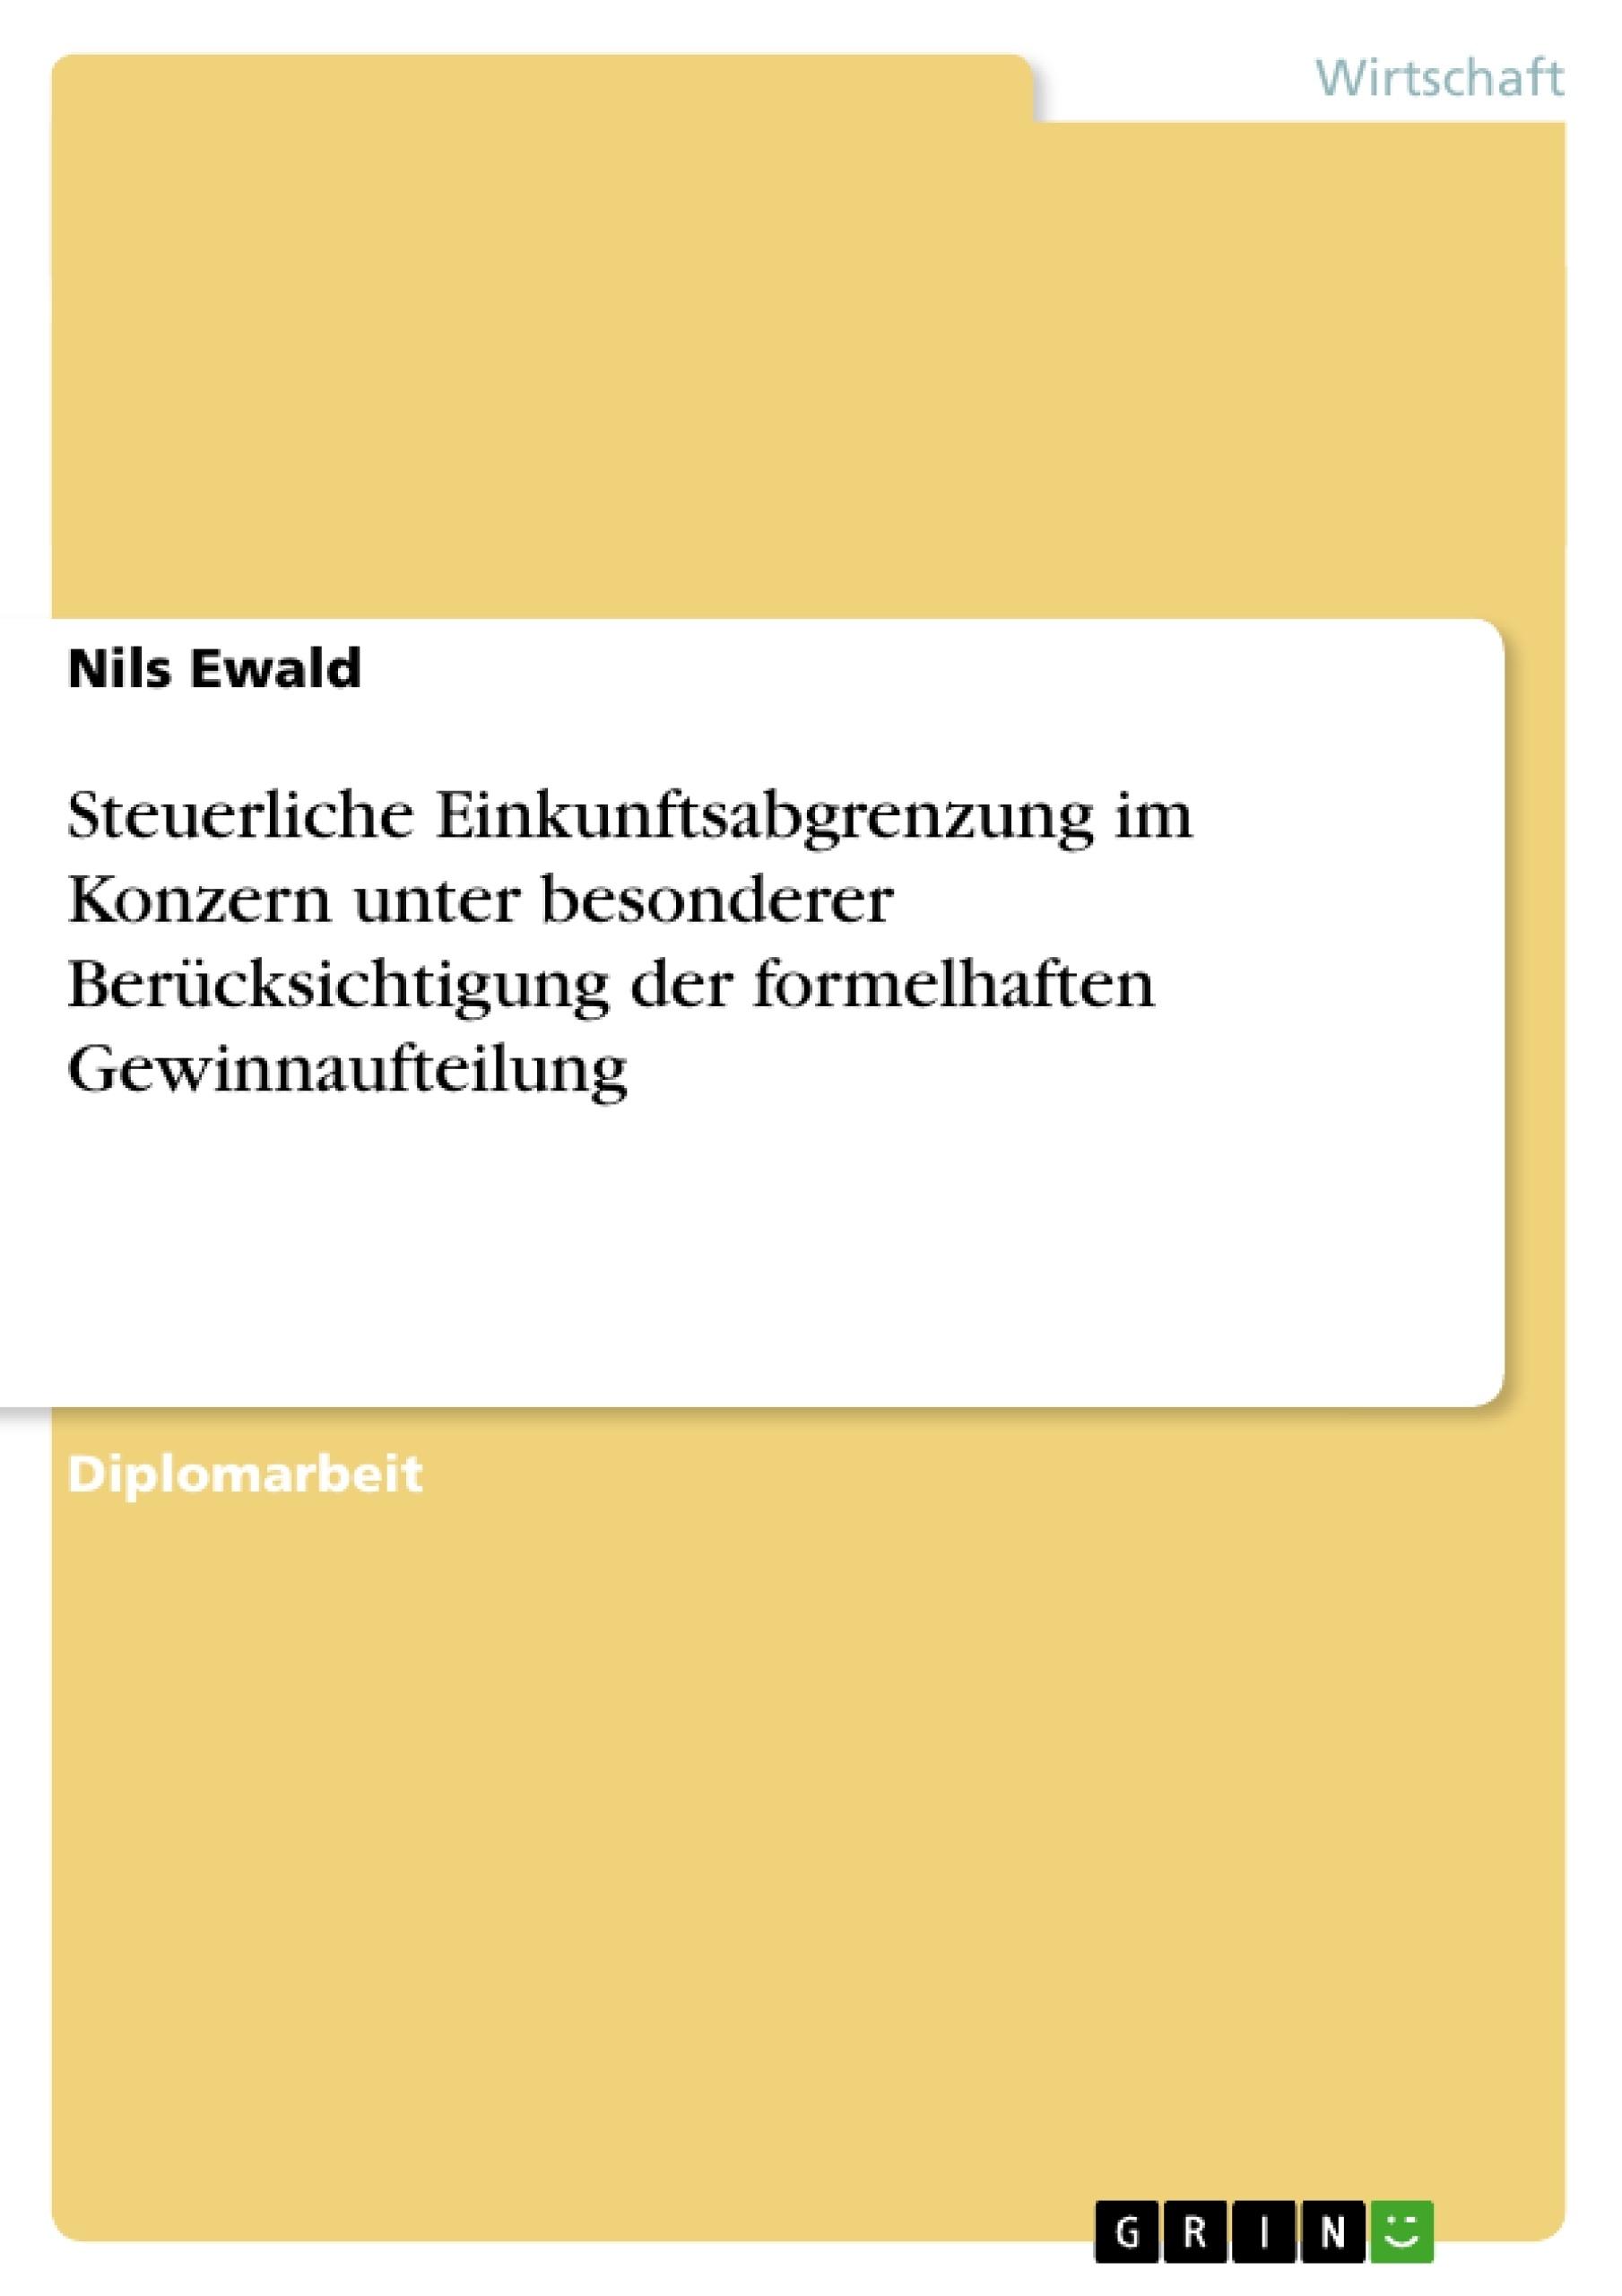 Titel: Steuerliche Einkunftsabgrenzung im Konzern unter besonderer Berücksichtigung der formelhaften Gewinnaufteilung